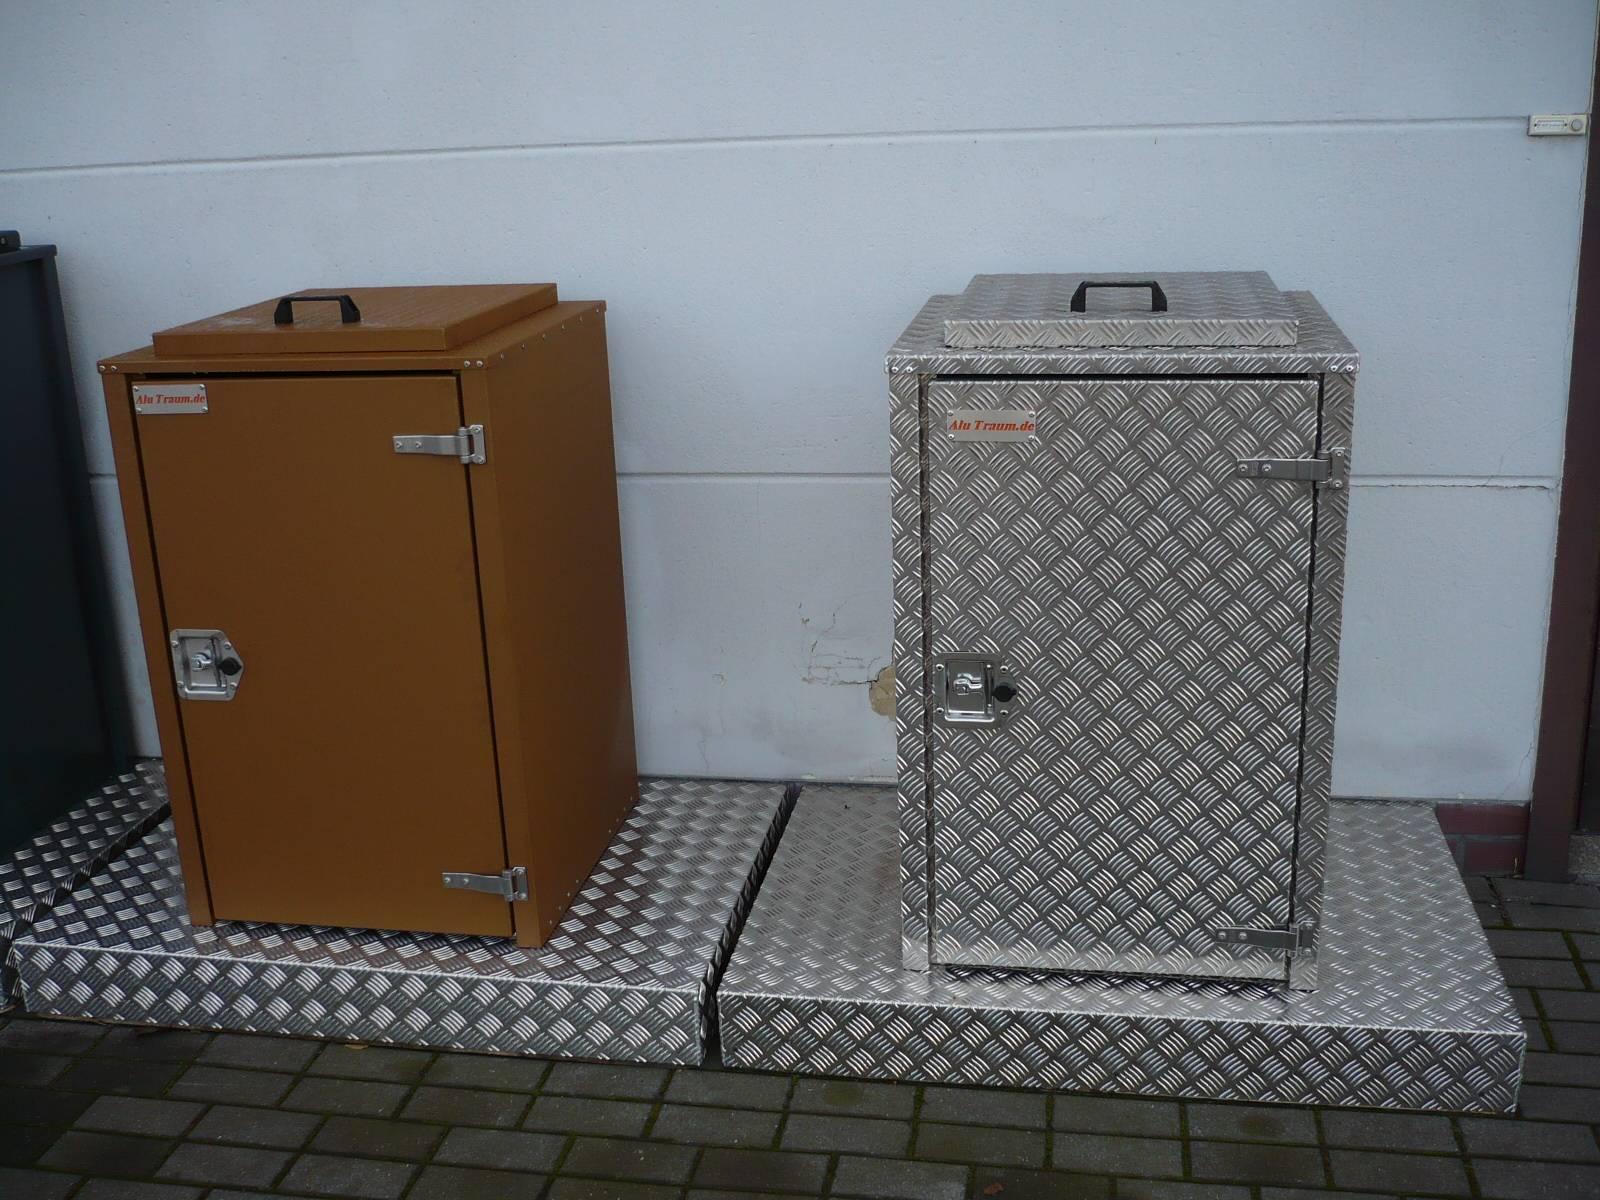 Alutraum_Tonnenbox-19